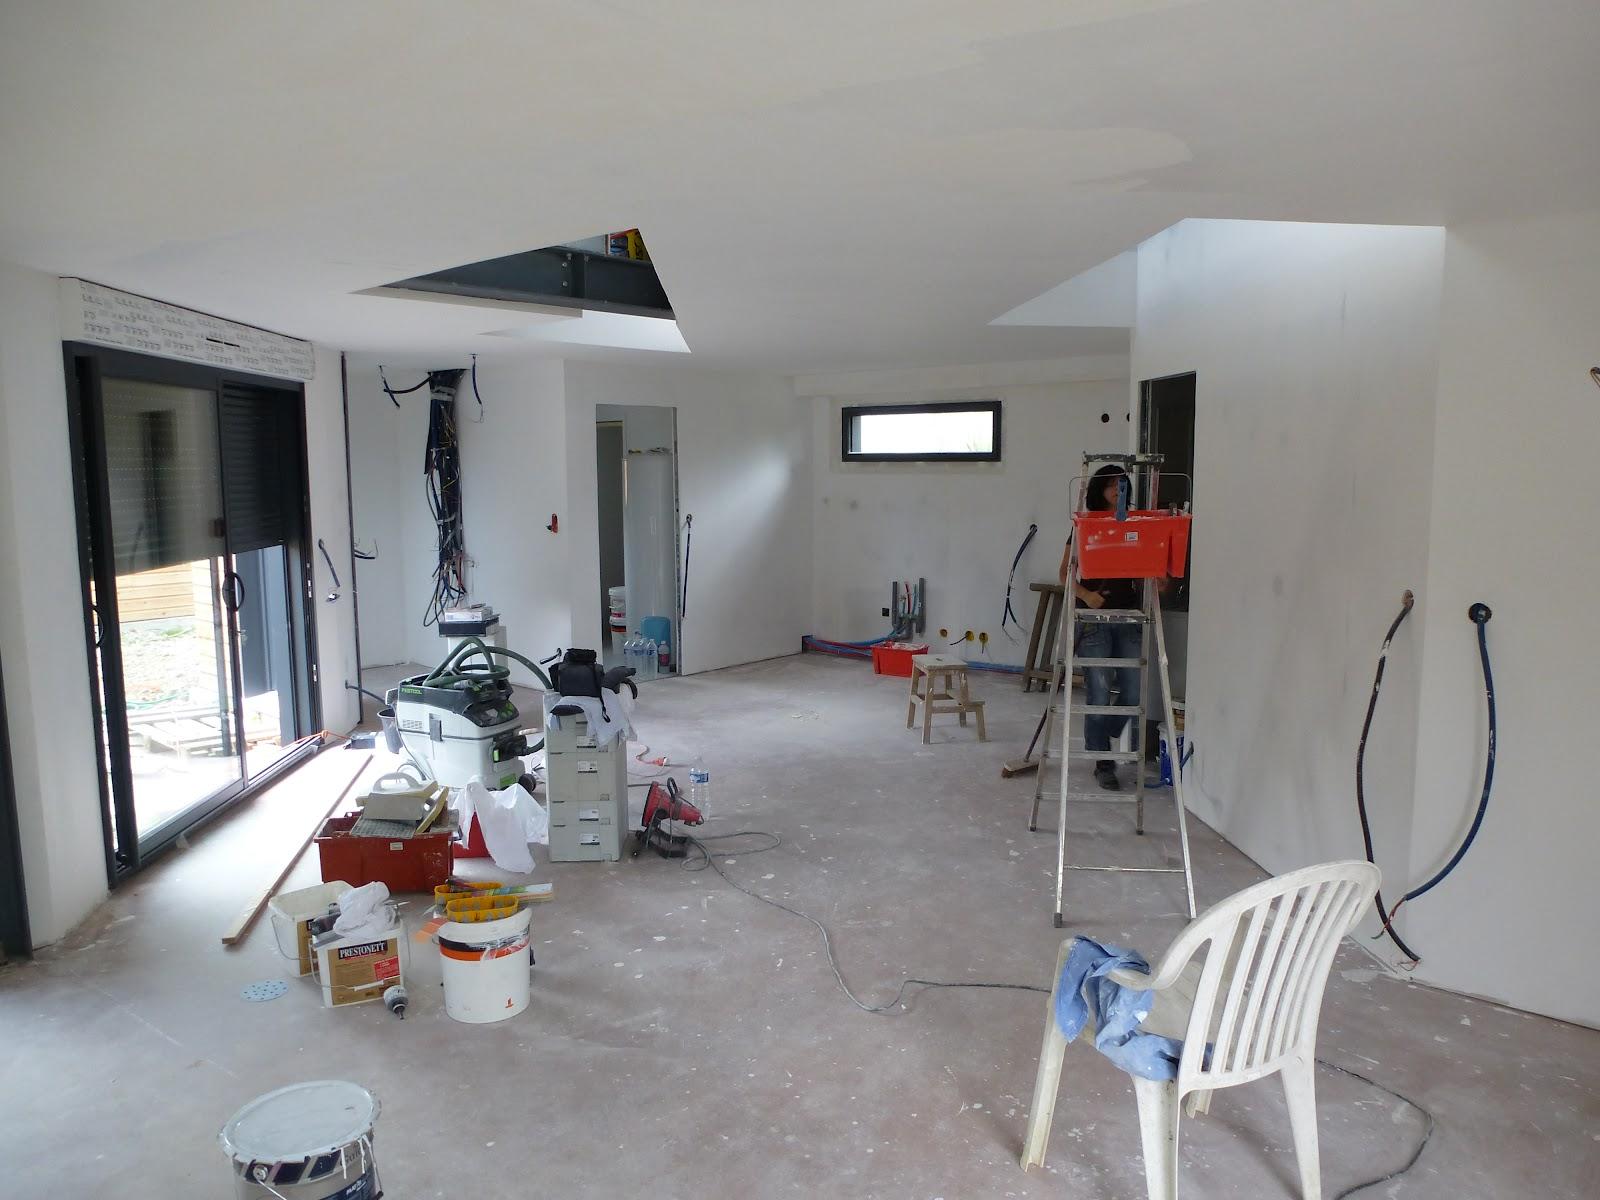 Construction maison interieur maison moderne for Maison moderne interieur